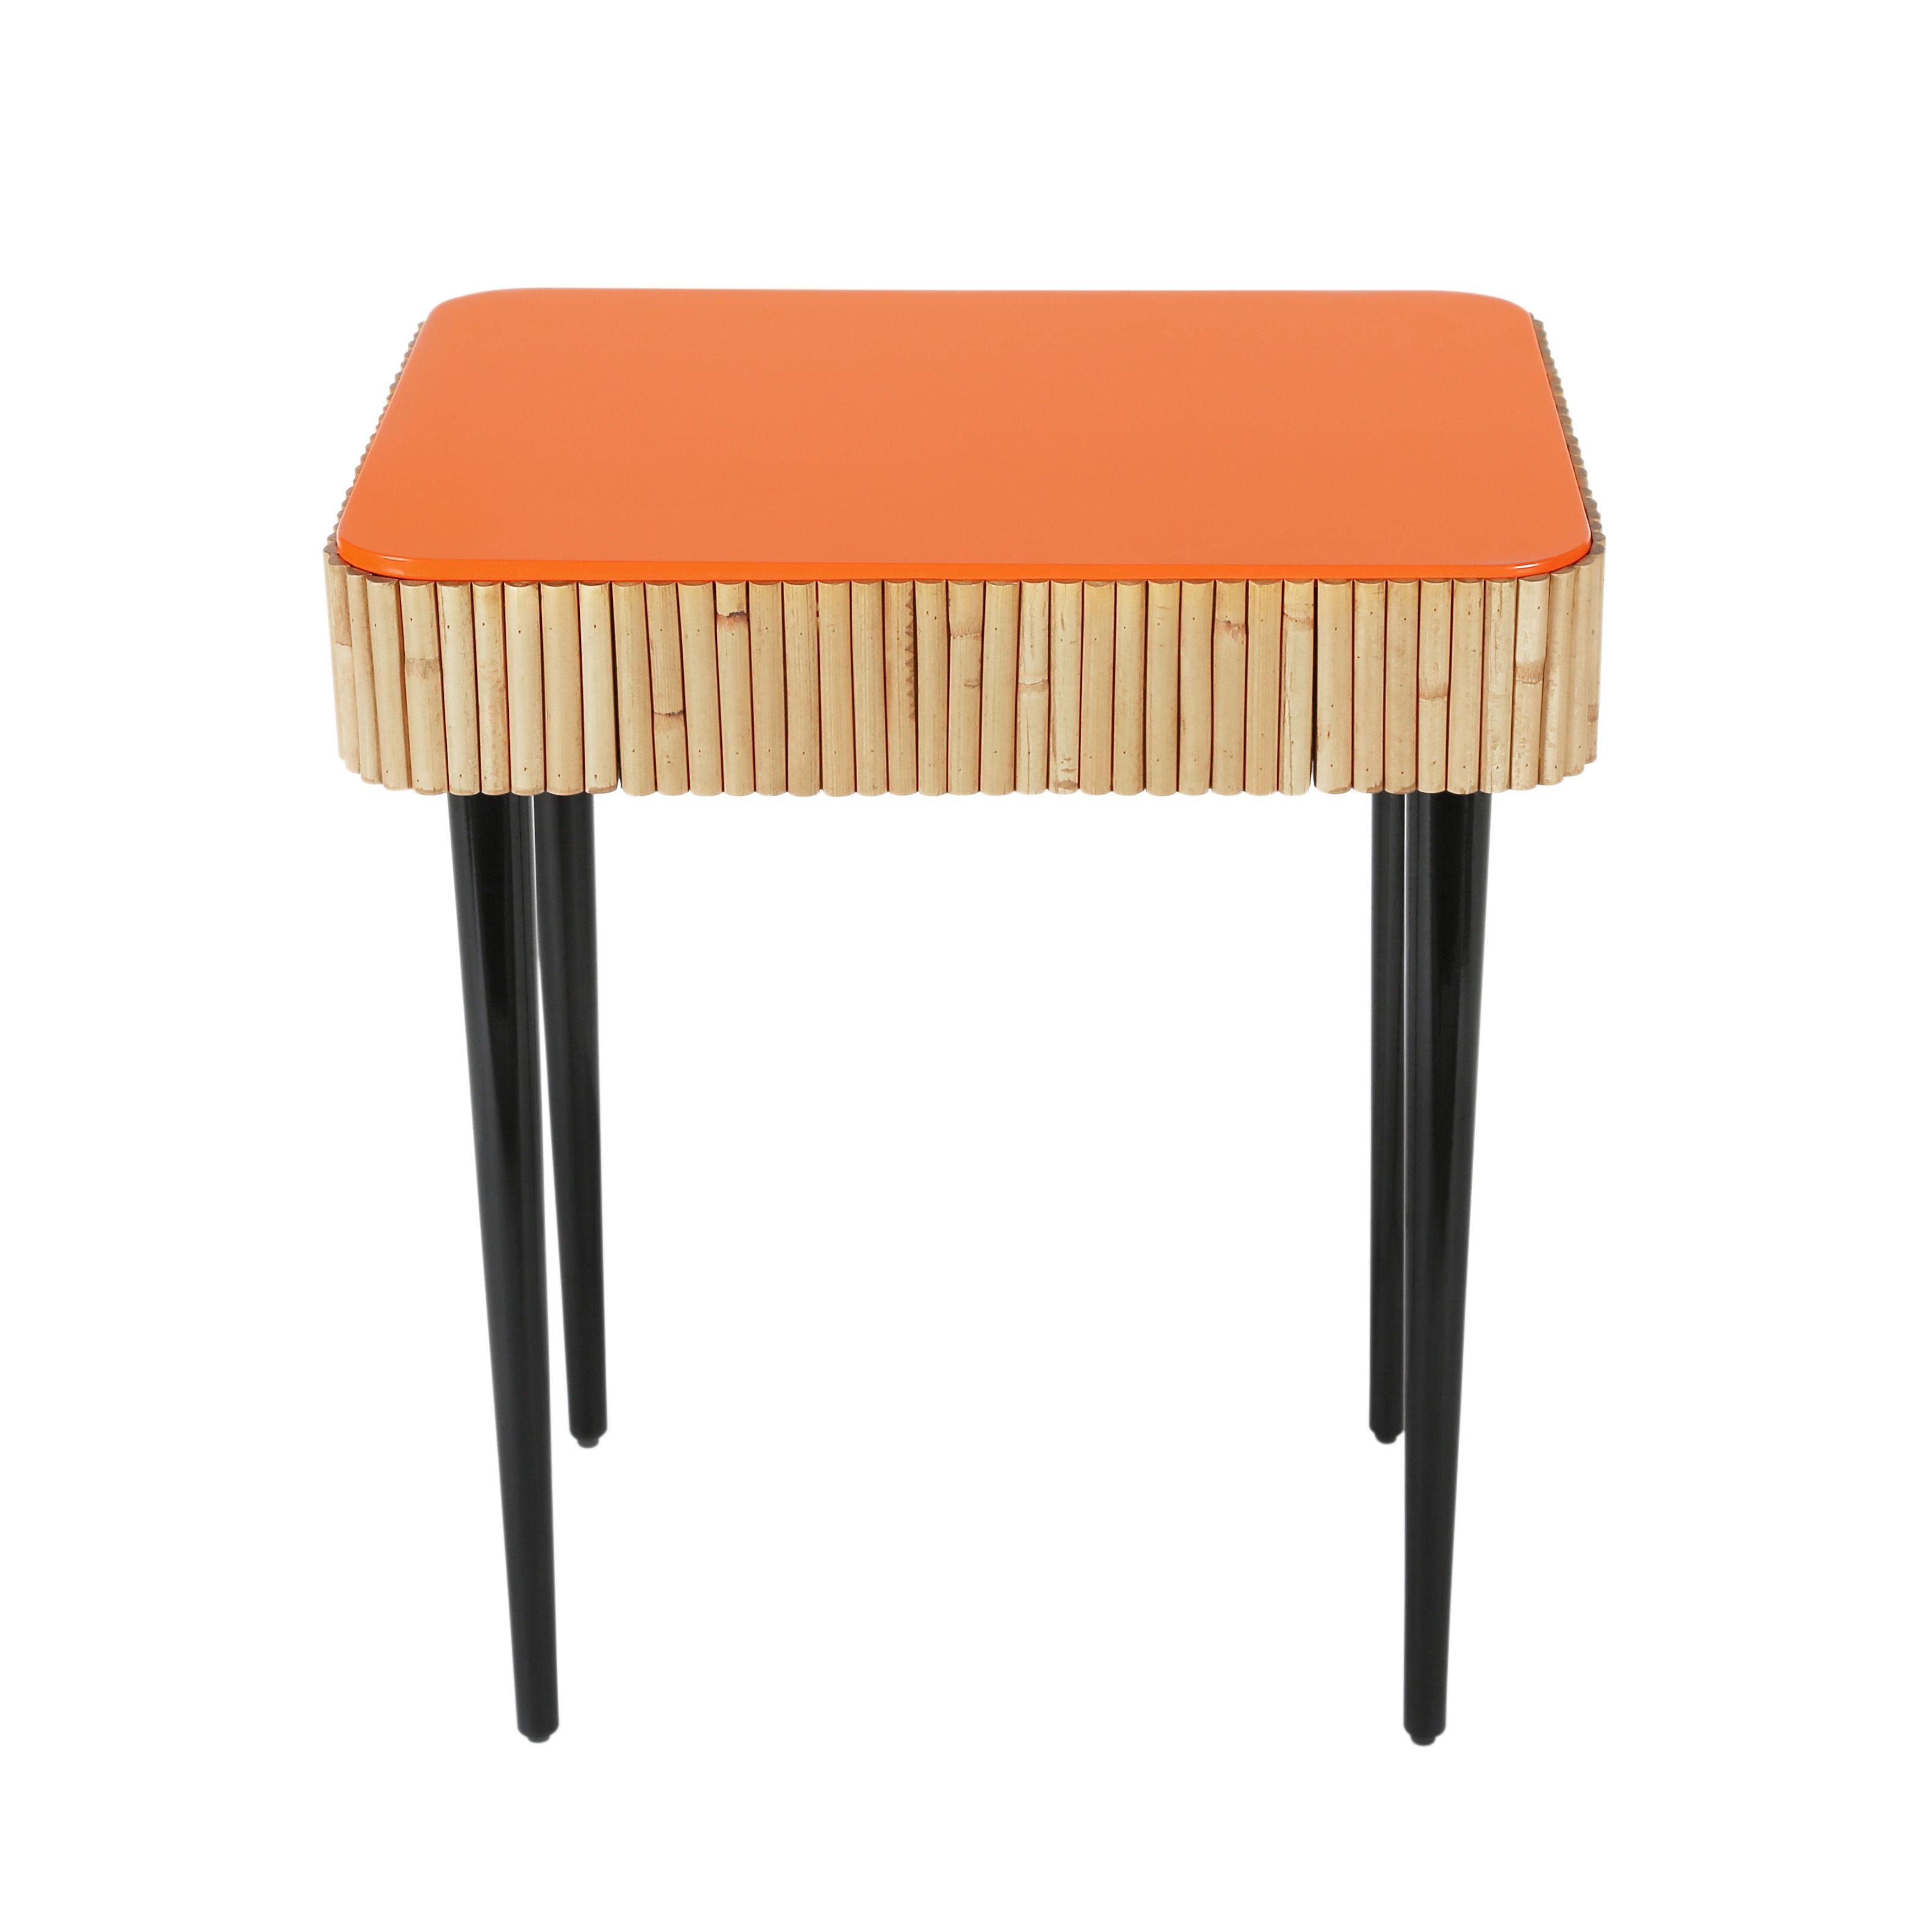 Mobilier - Compléments d'ameublement - Table de chevet Riviera / Rotin - Tiroir - Maison Sarah Lavoine - Corail / Rotin naturel - Bois laqué, Rotin naturel